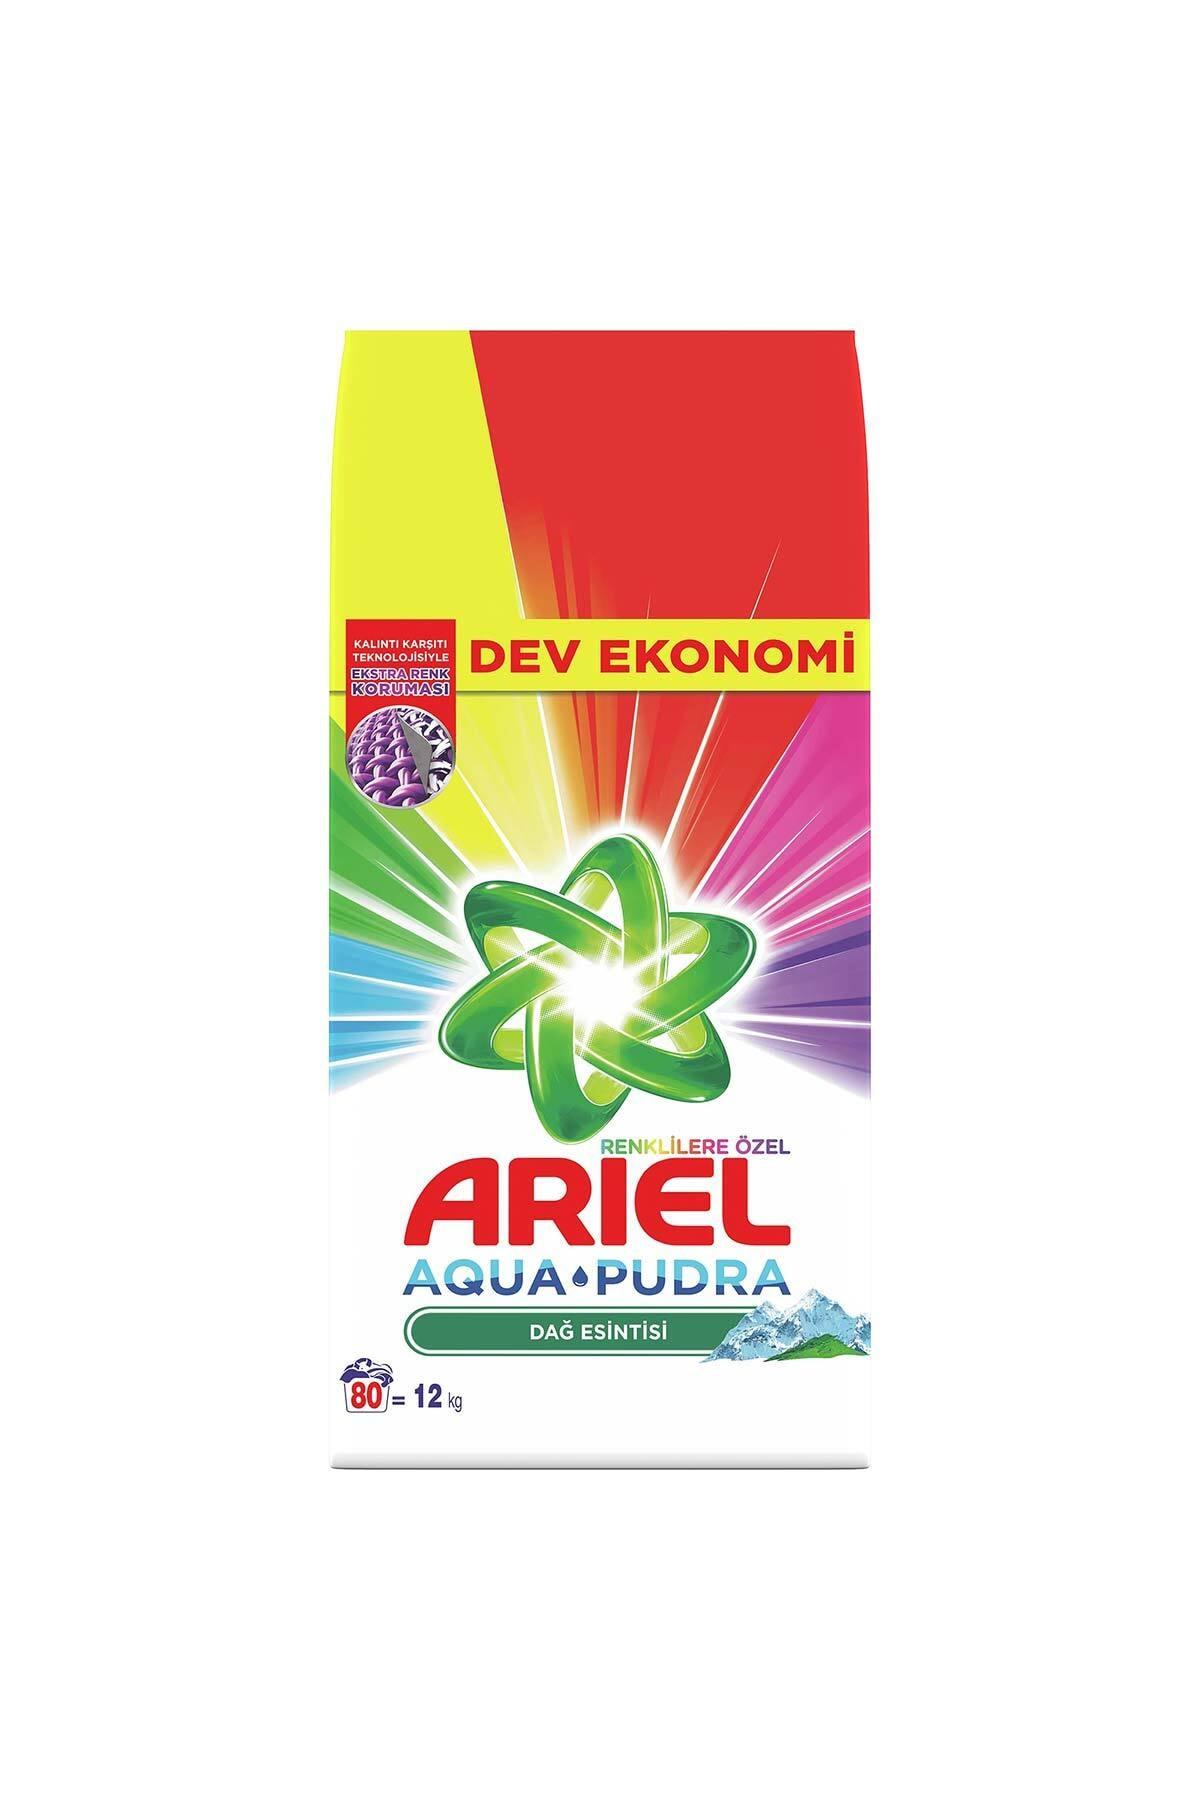 Ariel 12 kg Toz Çamaşır Deterjanı Dağ Esintisi Renkliler İçin 2